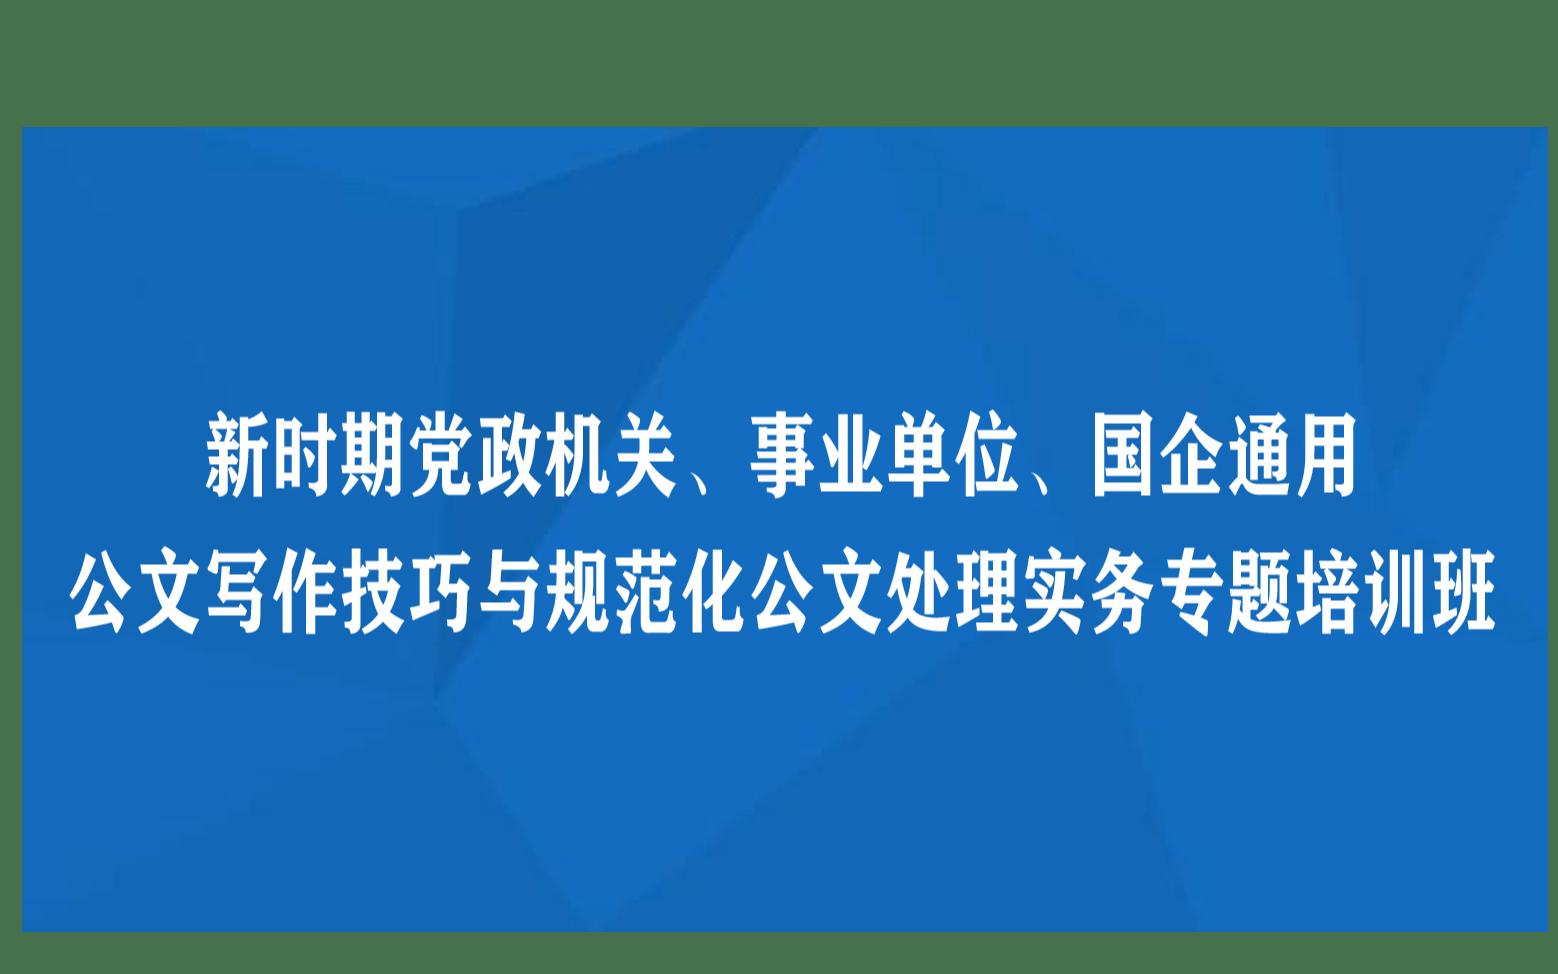 線下課程:新時期黨政機關、事業單位、國企通用公文寫作技巧與規范化公文處理實務專題培訓班(8月昆明)